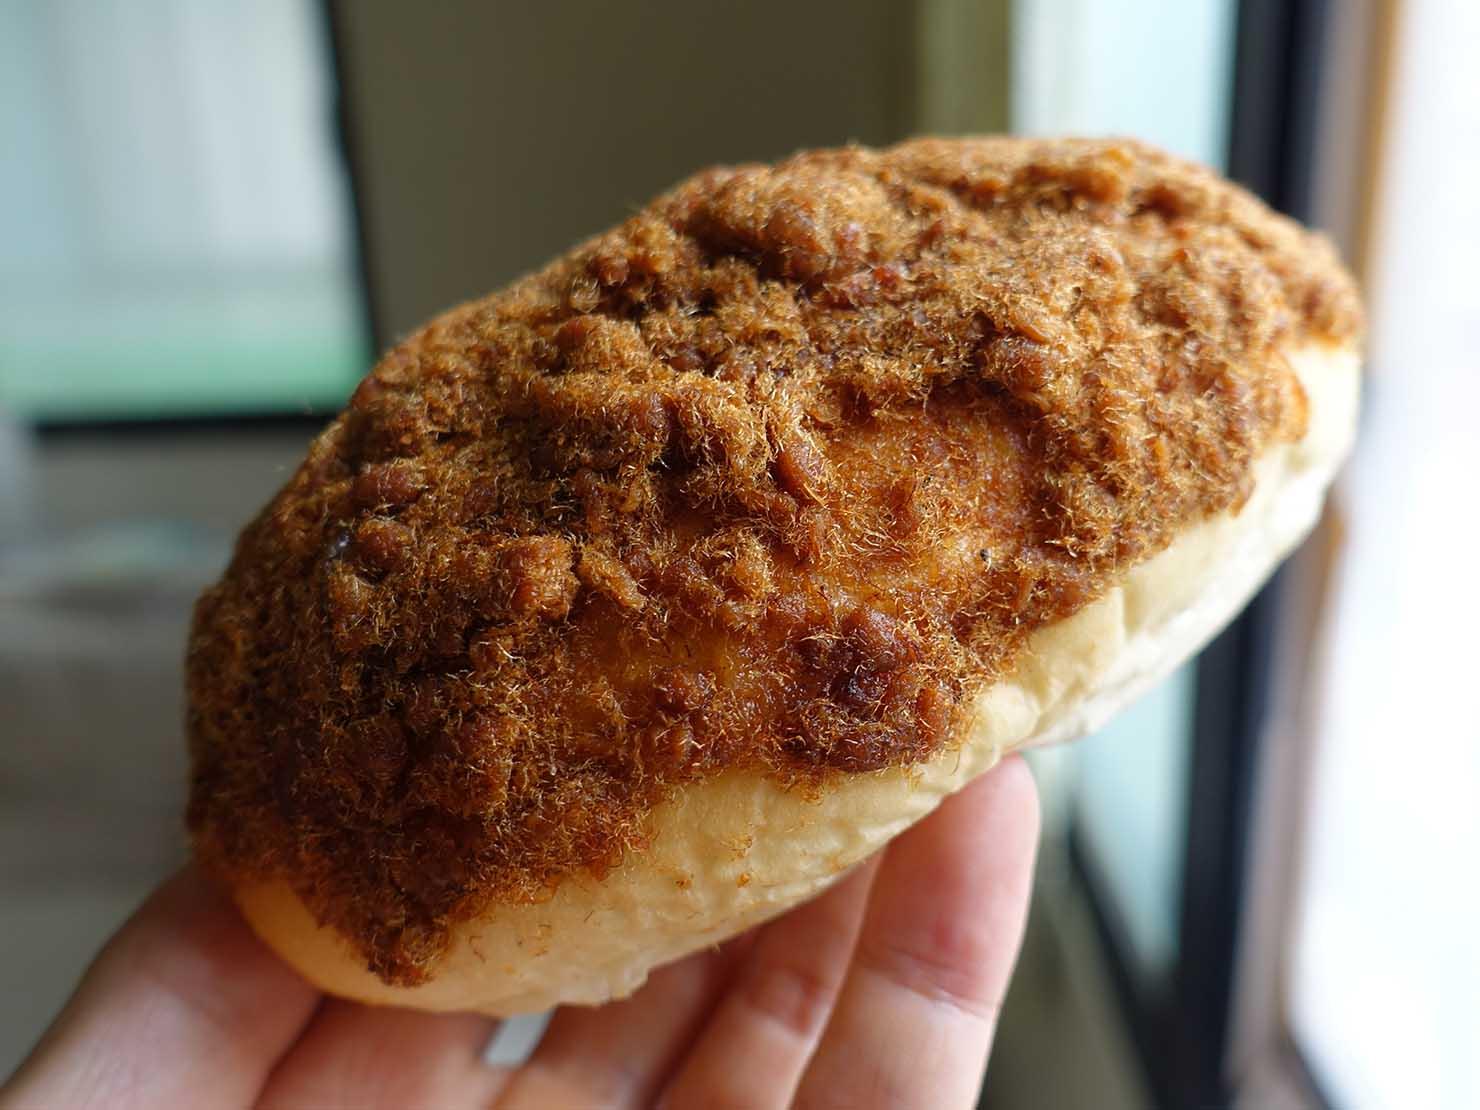 台湾でよく見かけるパン「肉鬆麵包(肉ふりかけパン)」